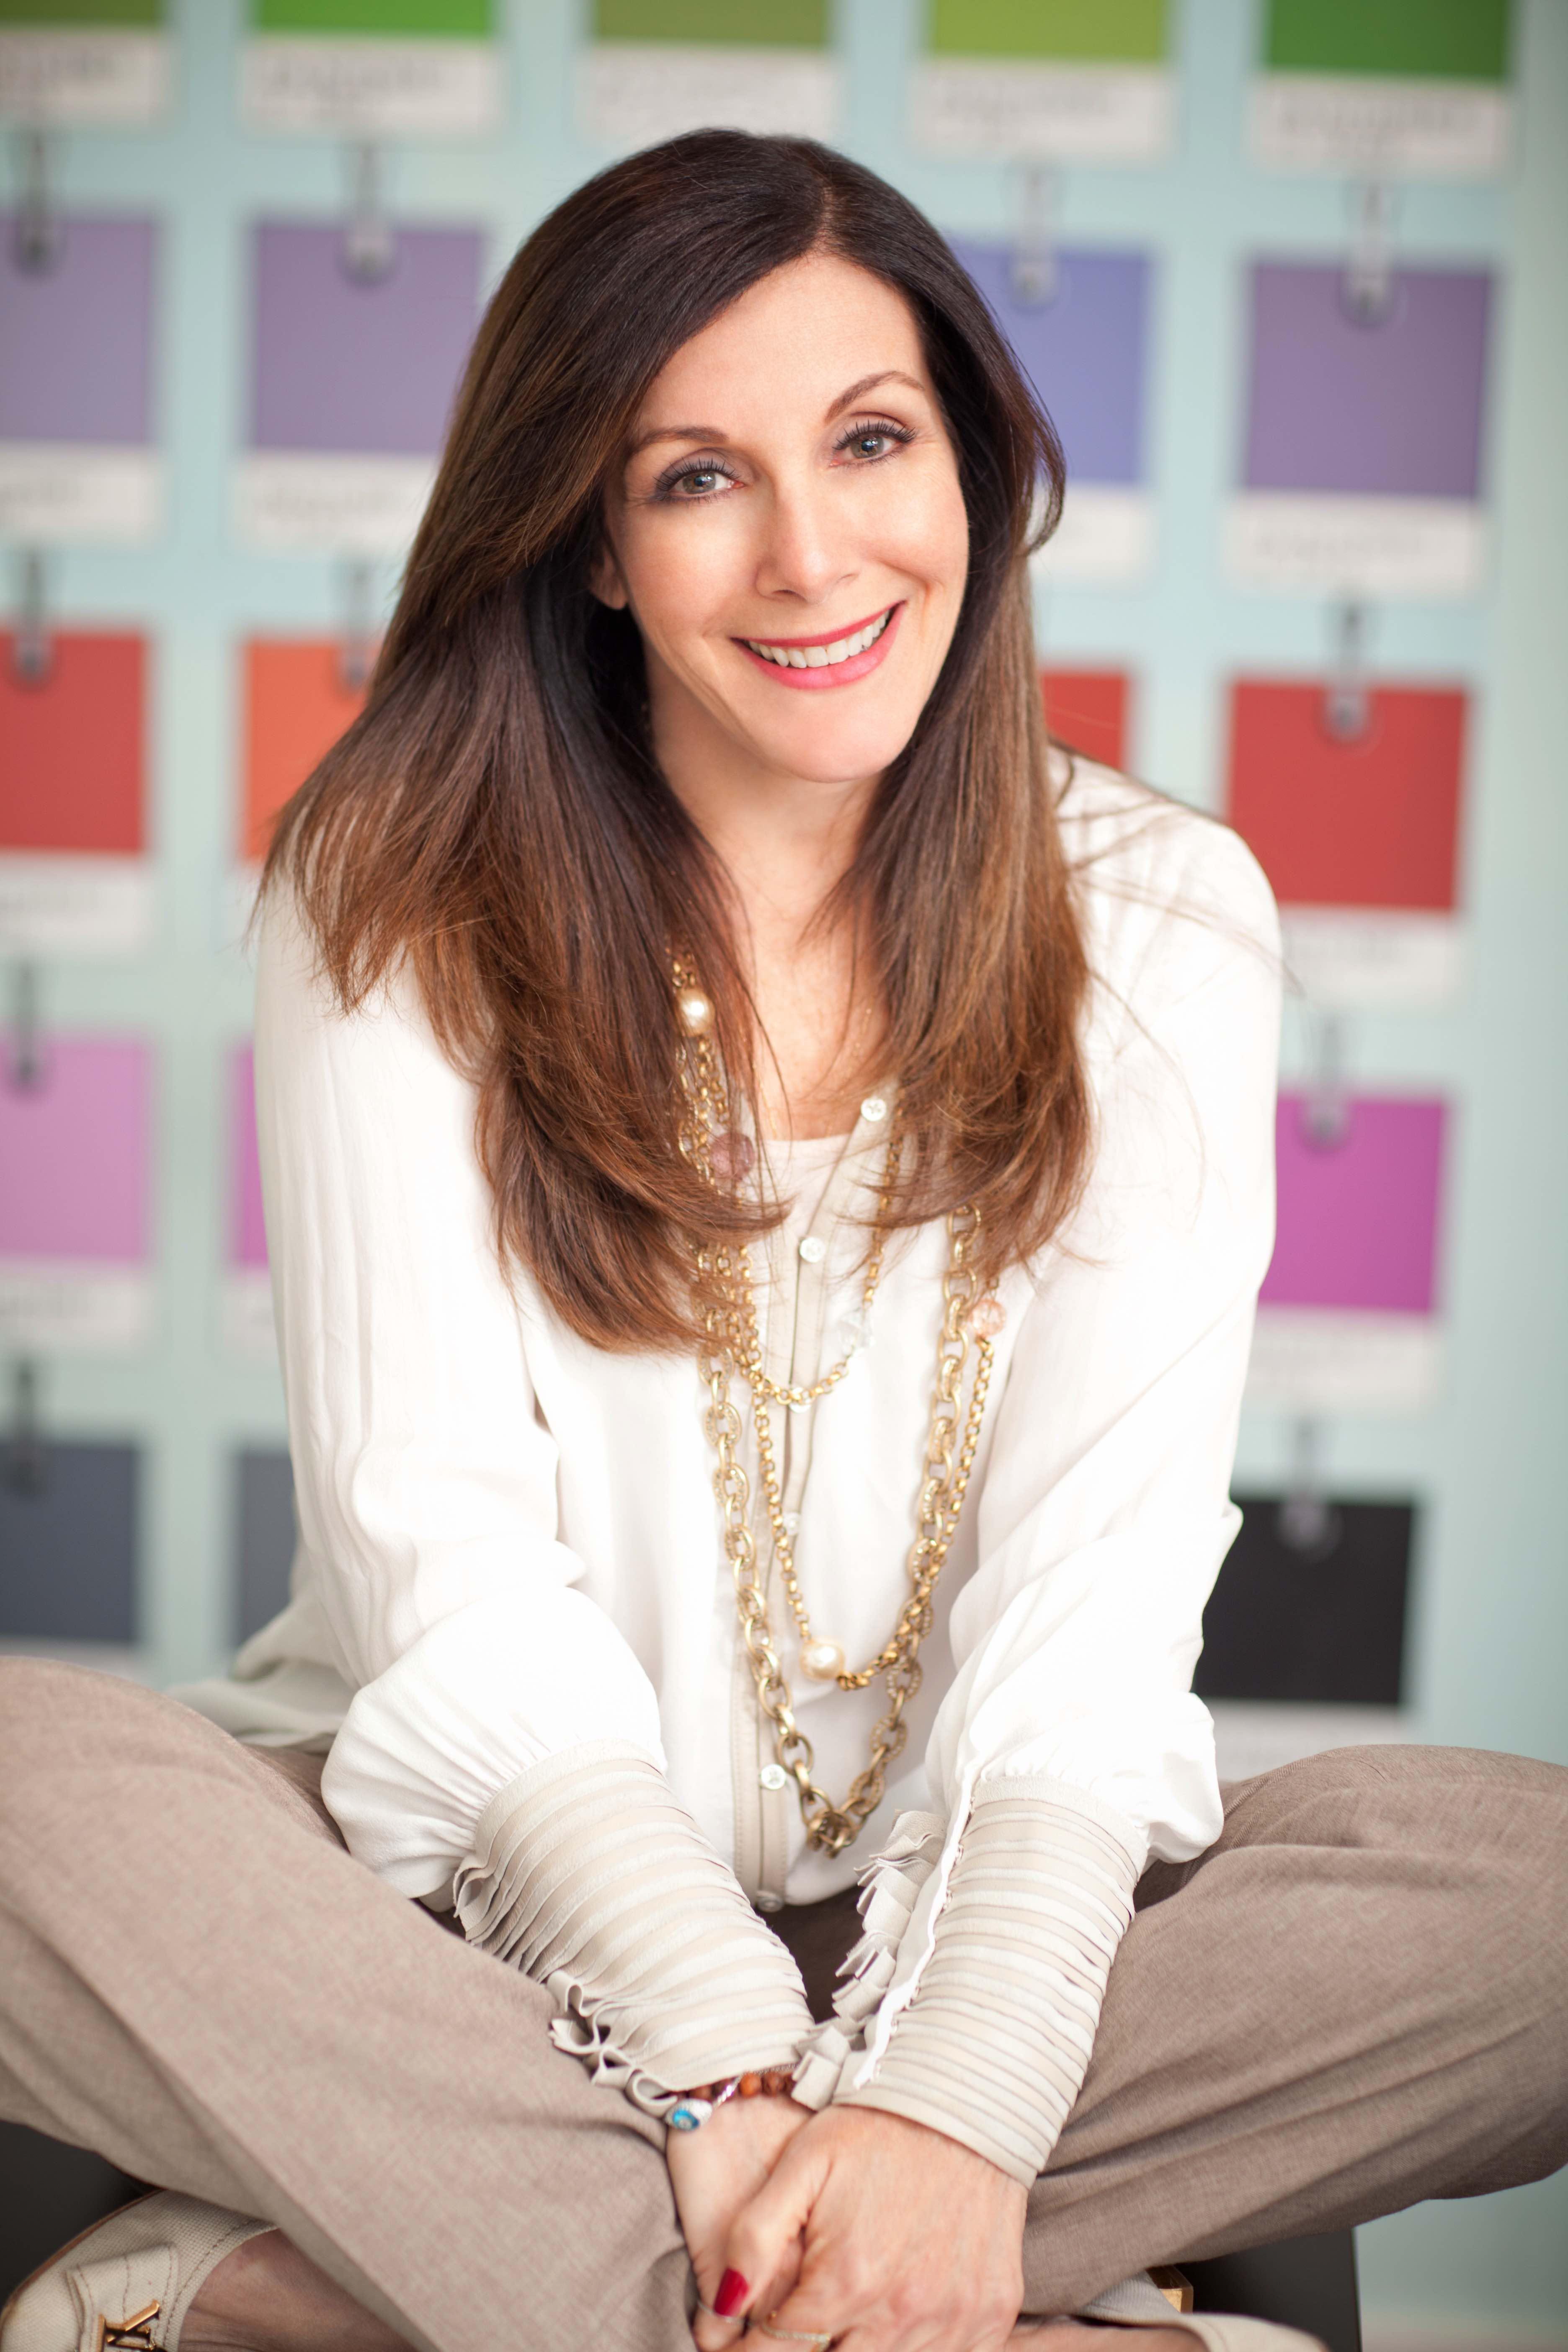 Mindy Weiss Event Planner Headshot